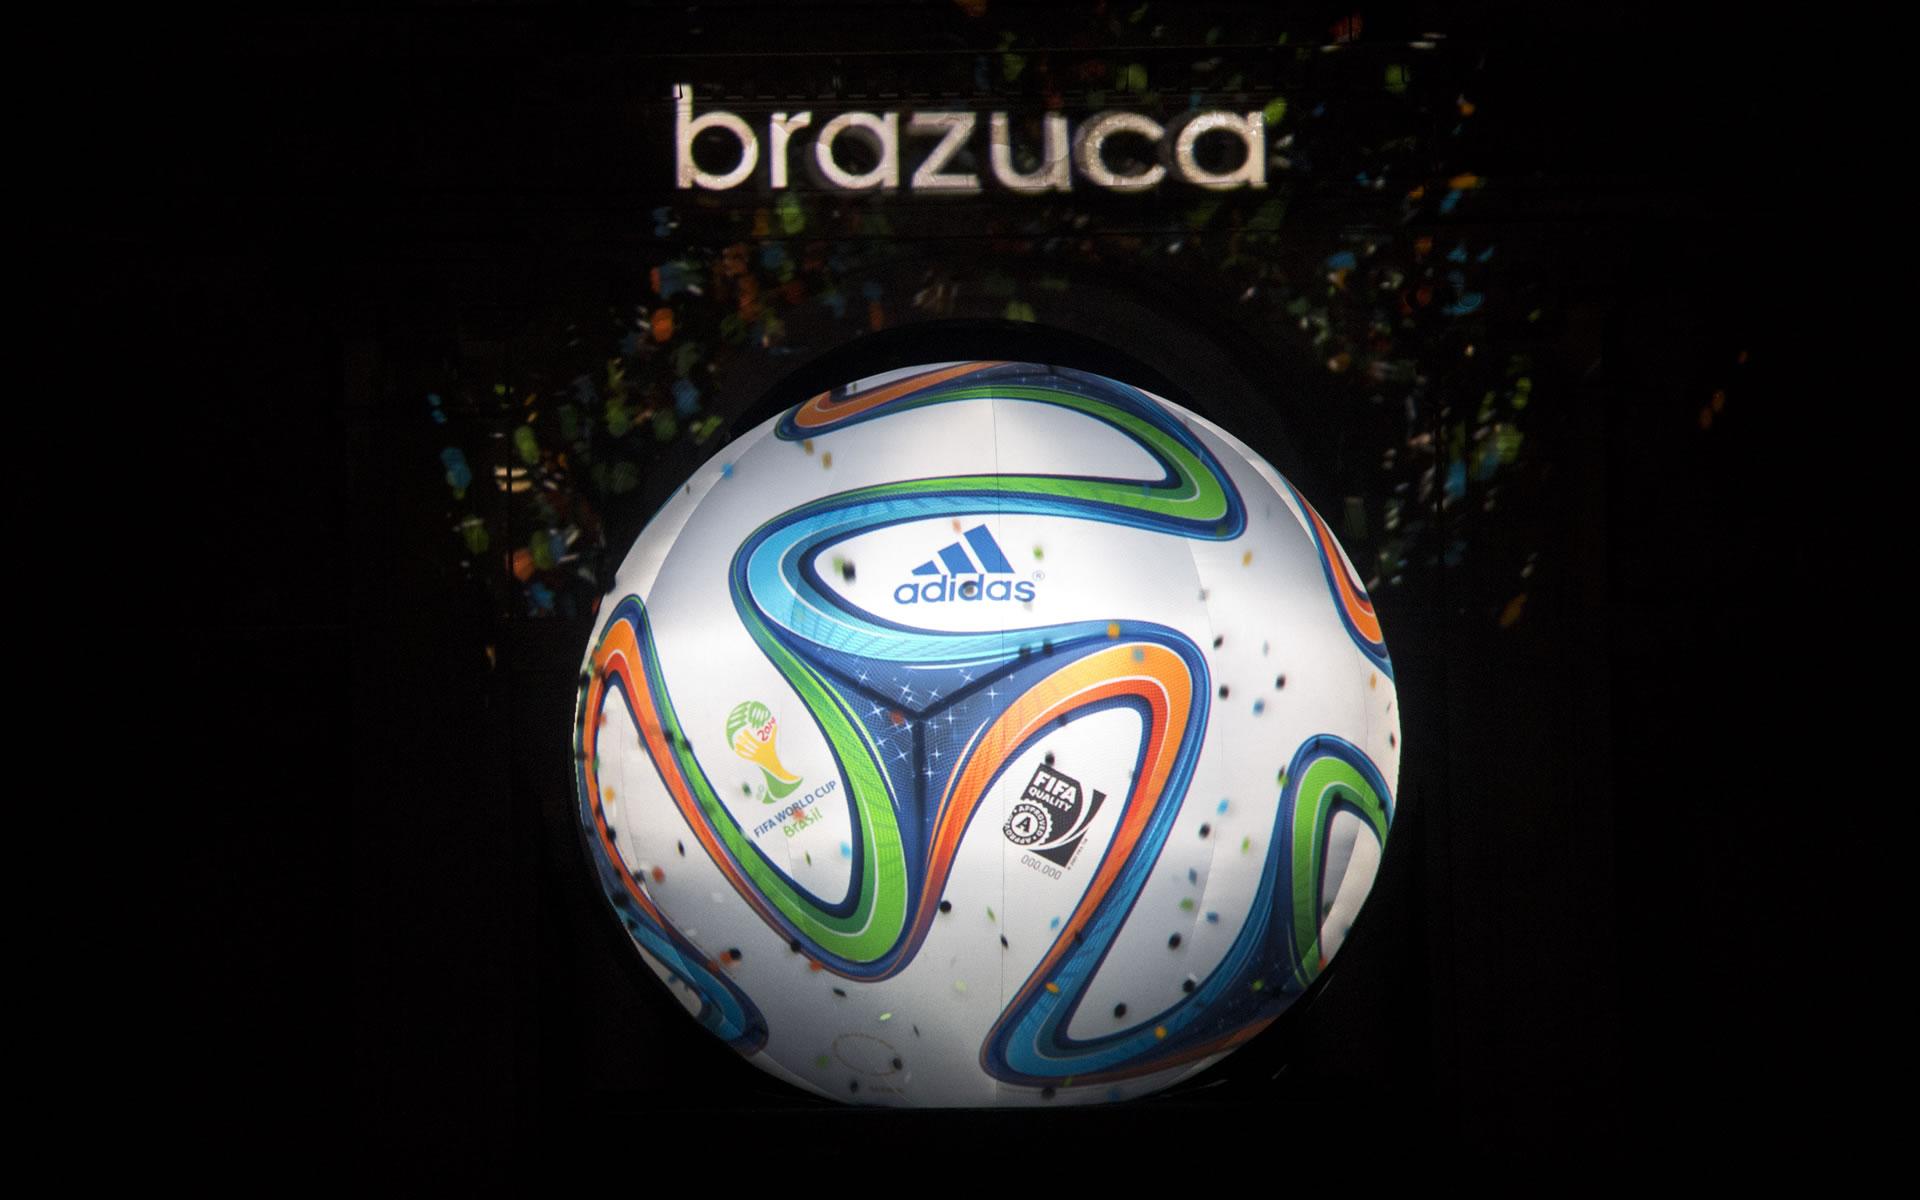 Adidas Brazuca Balón Mundial Brasil 2014